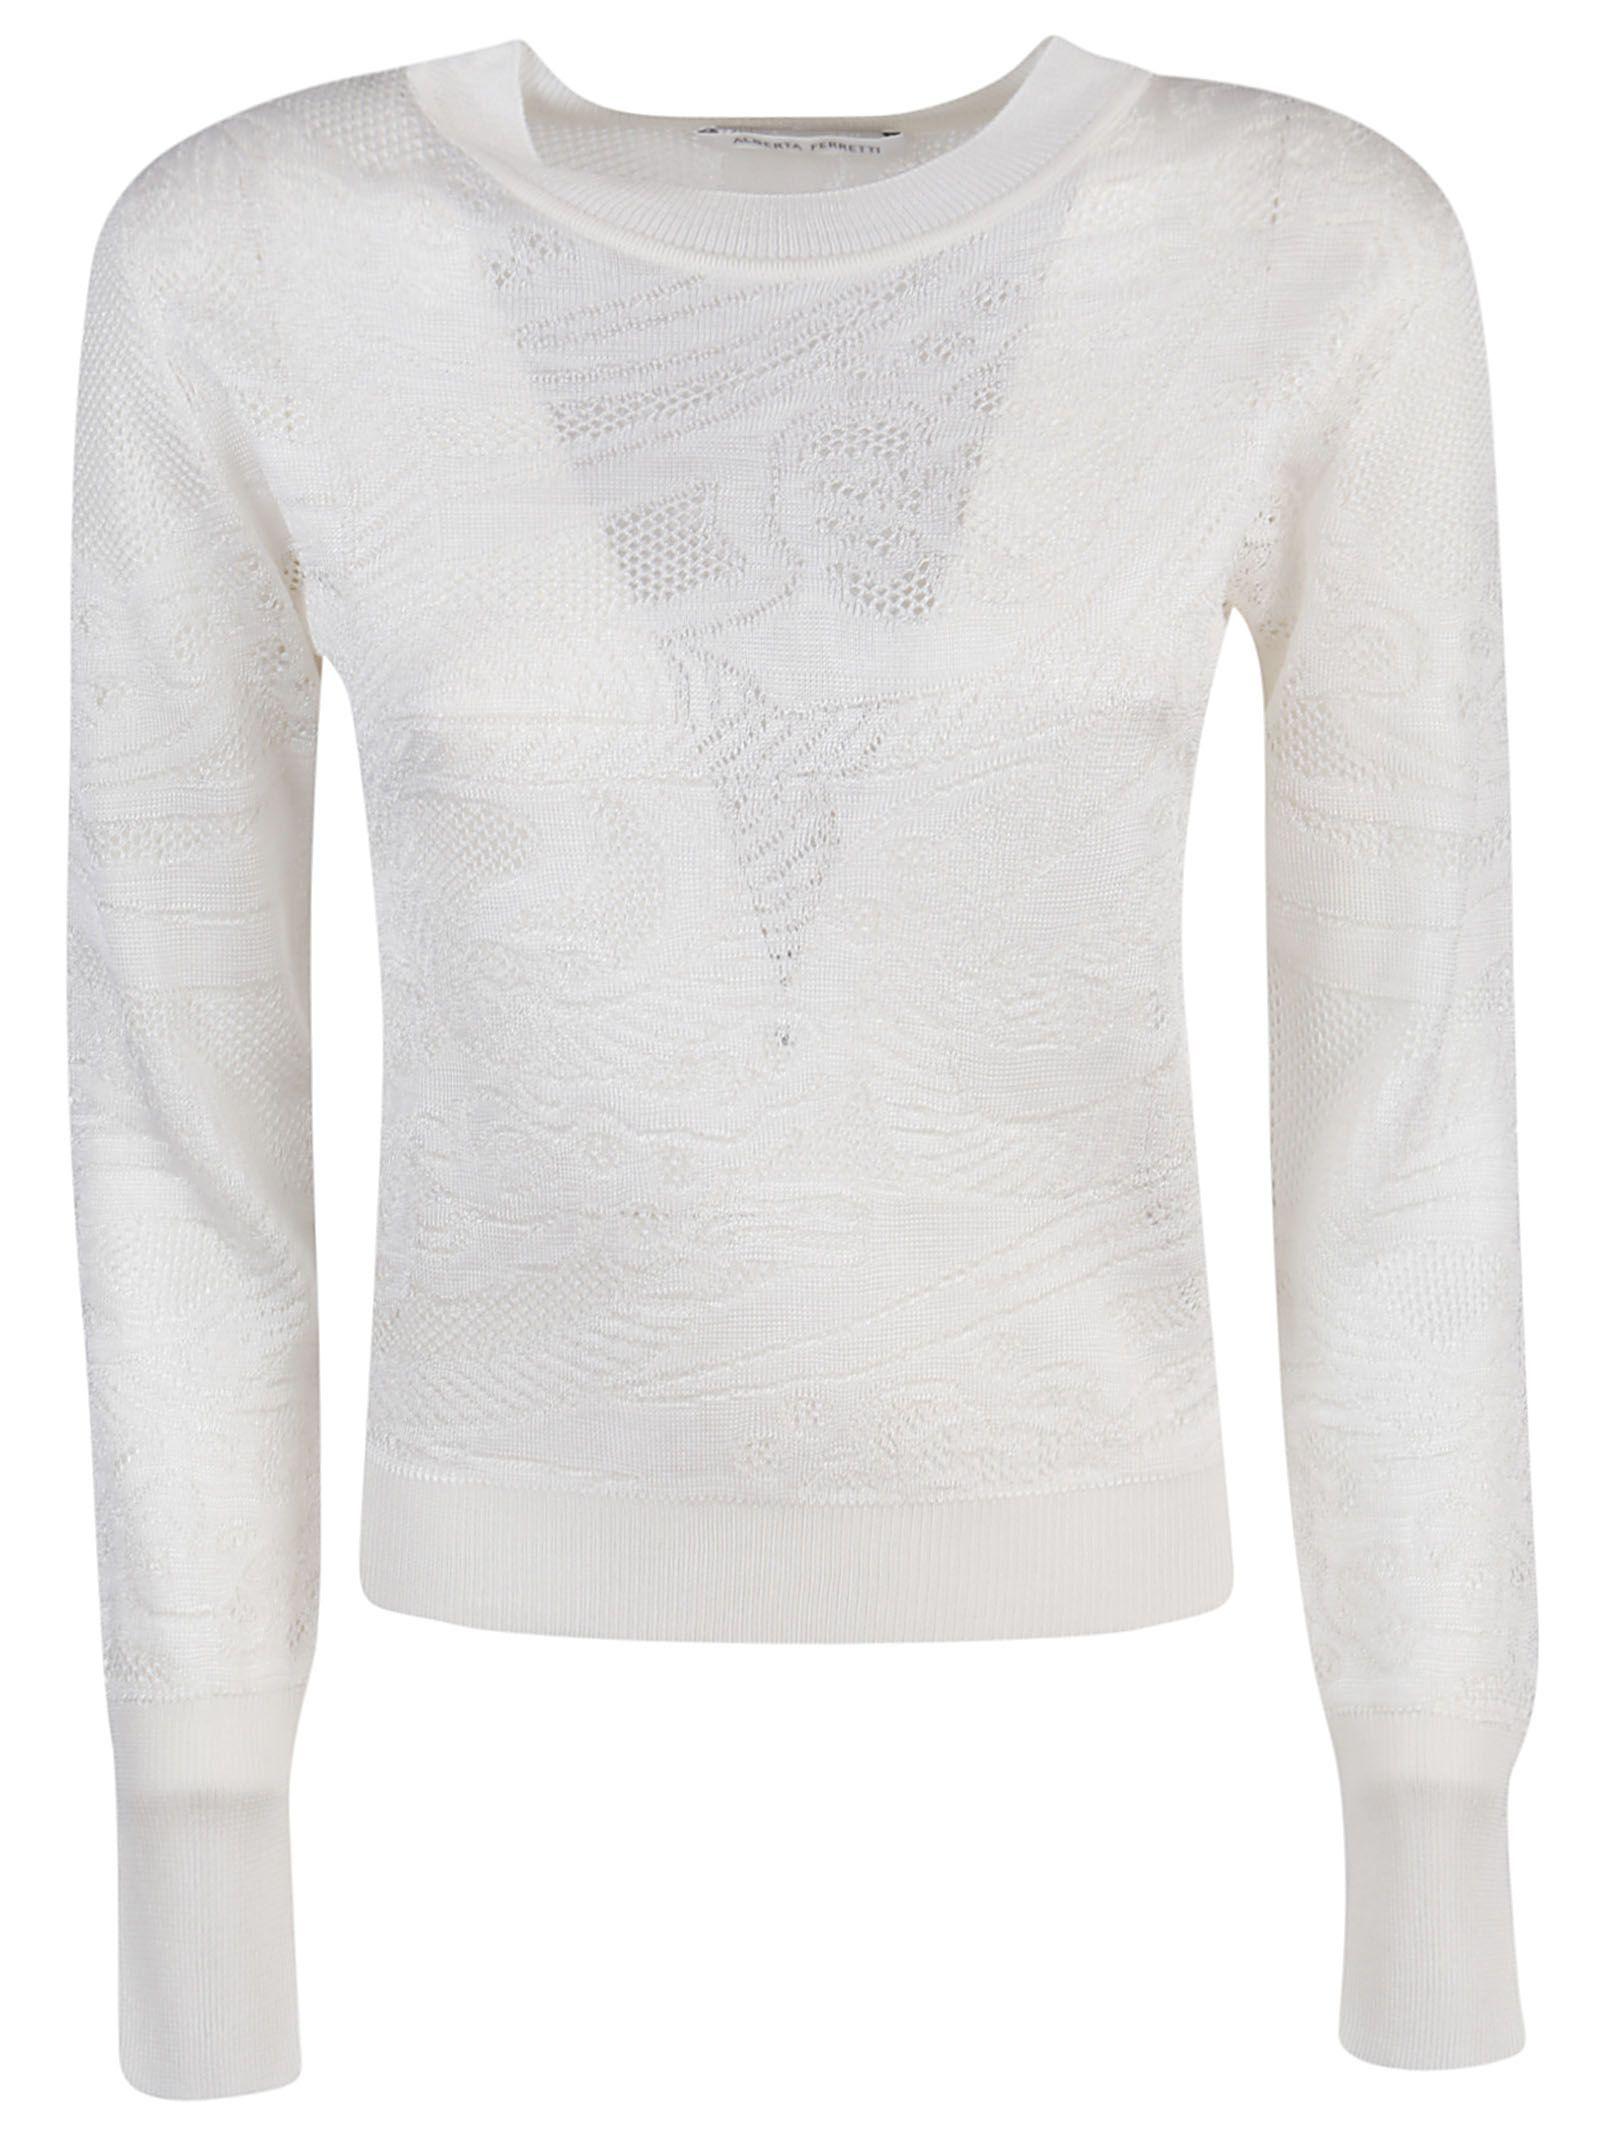 ALBERTA FERRETTI WOMEN'S A091916040001 WHITE VISCOSE SWEATER